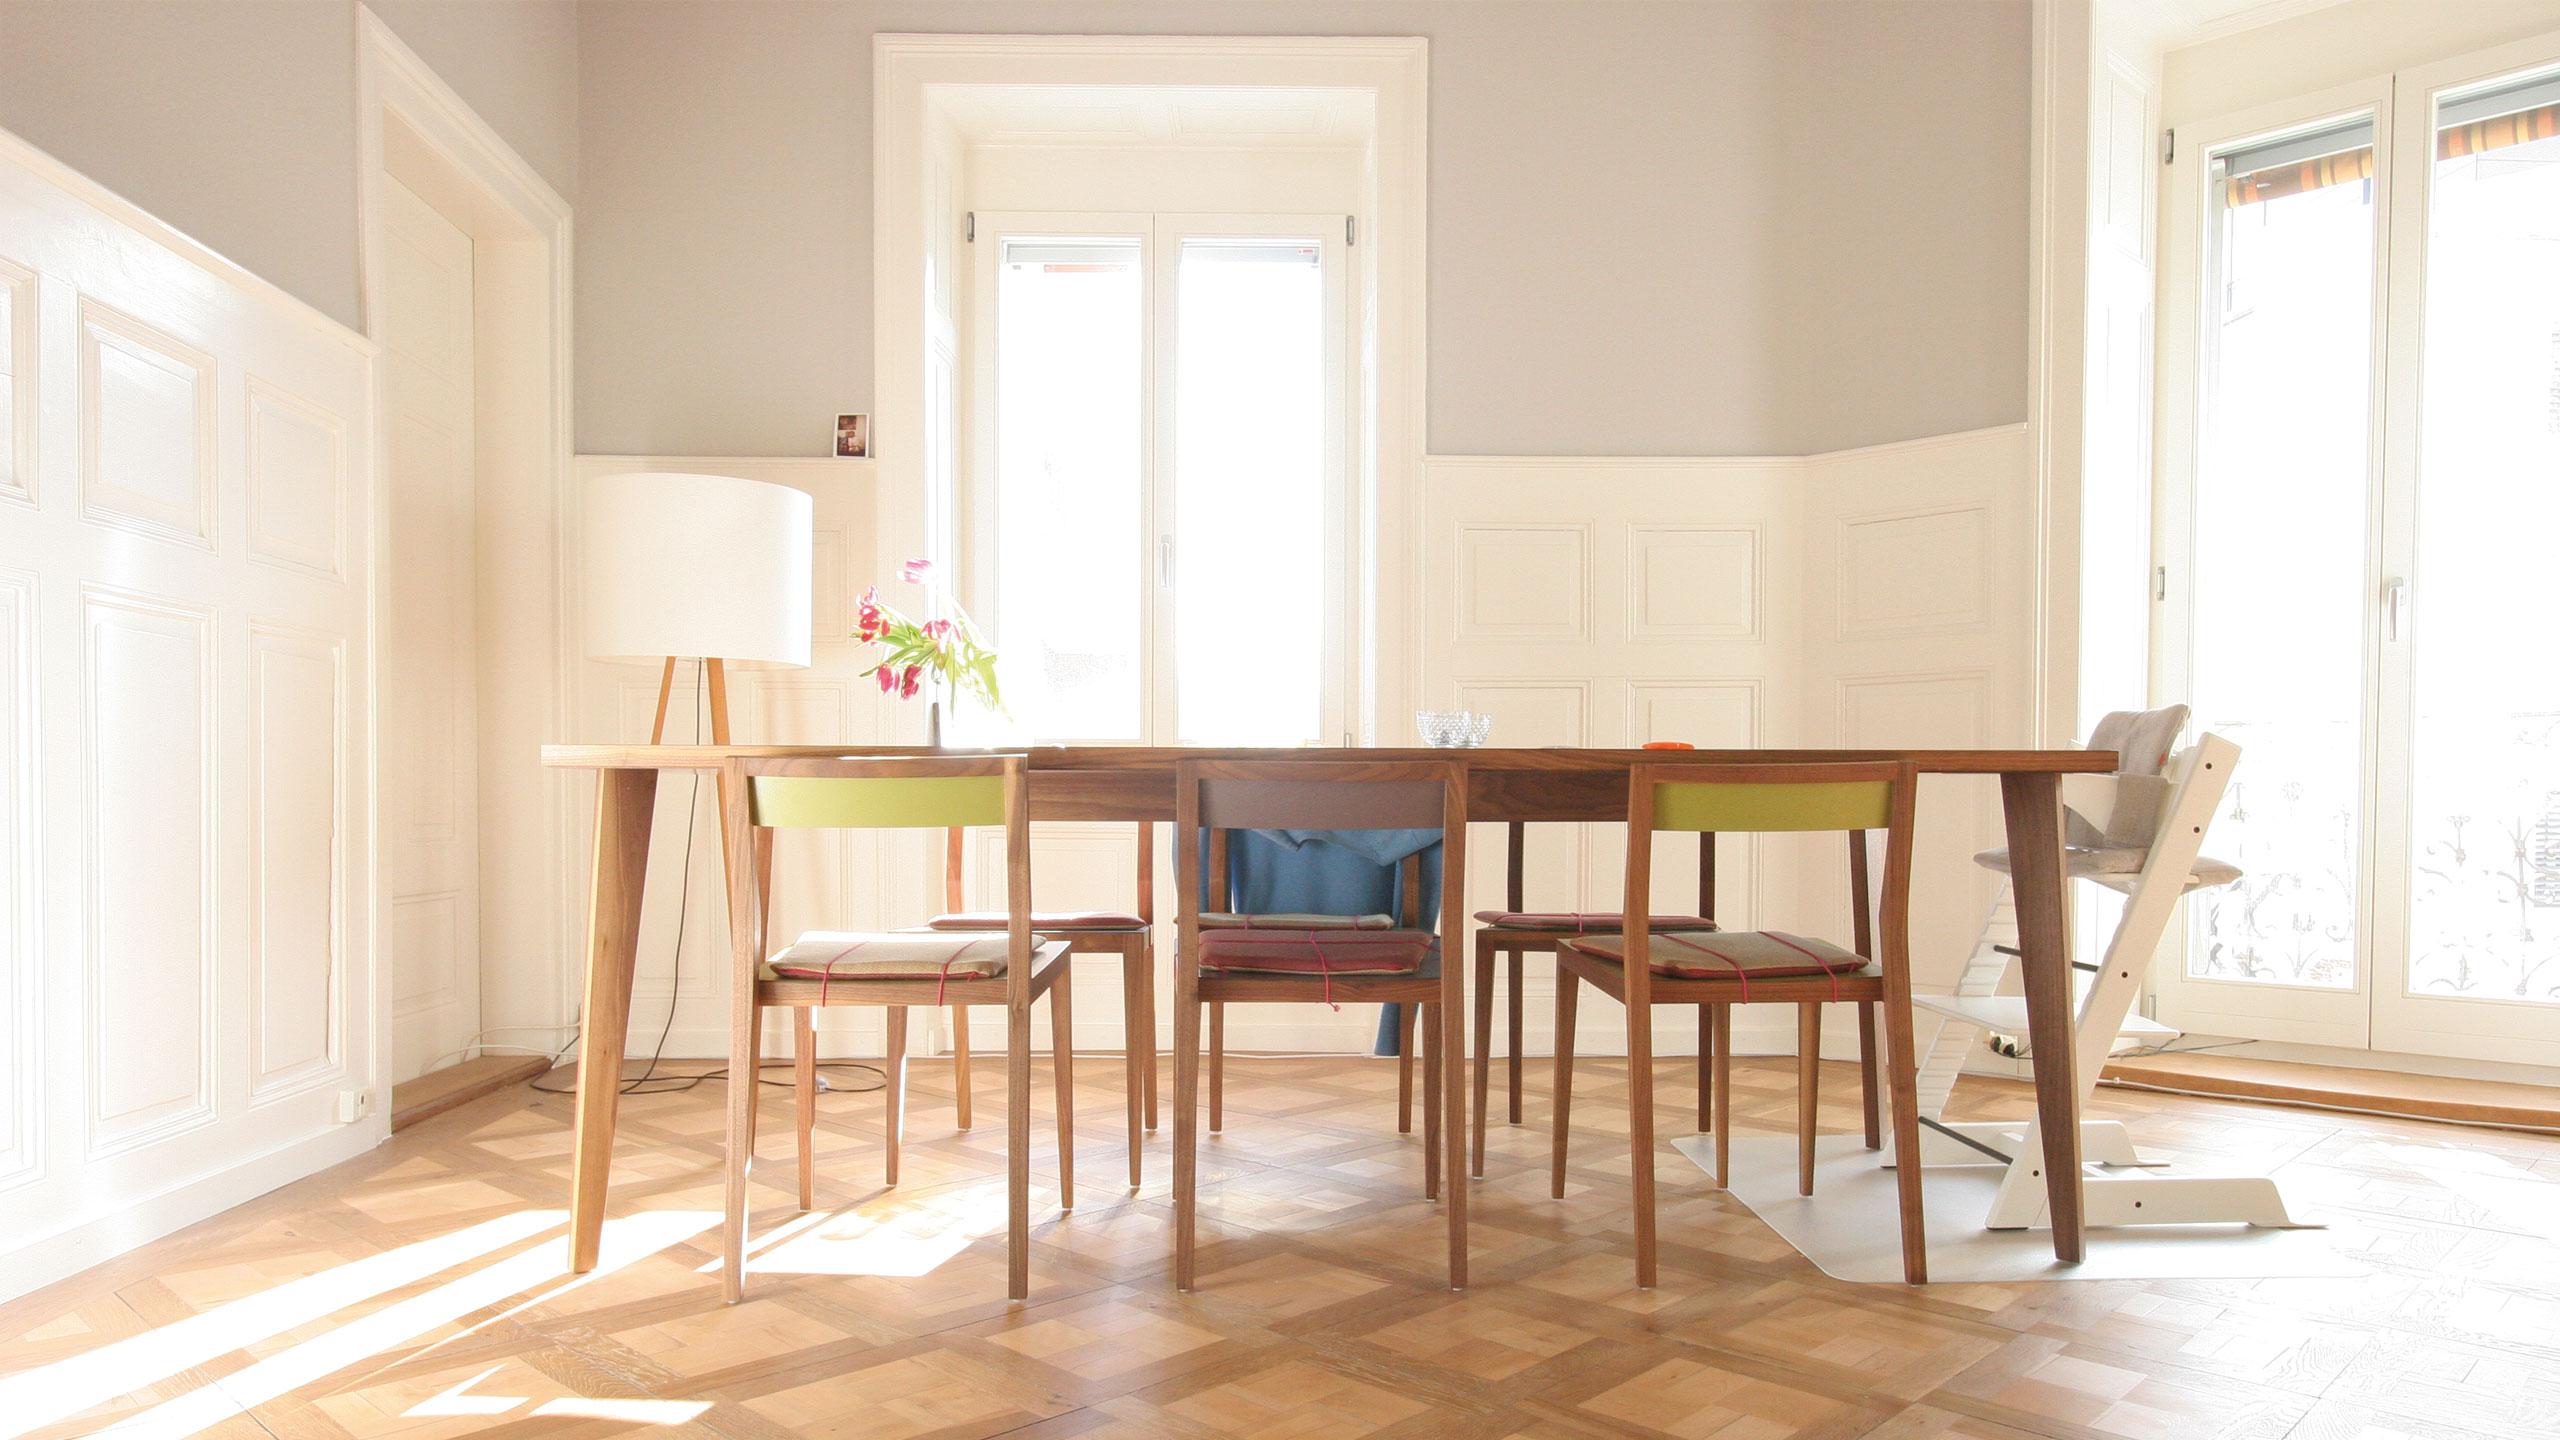 Wohnhaus Englischviertelstrasse | Sonderegger Architekten